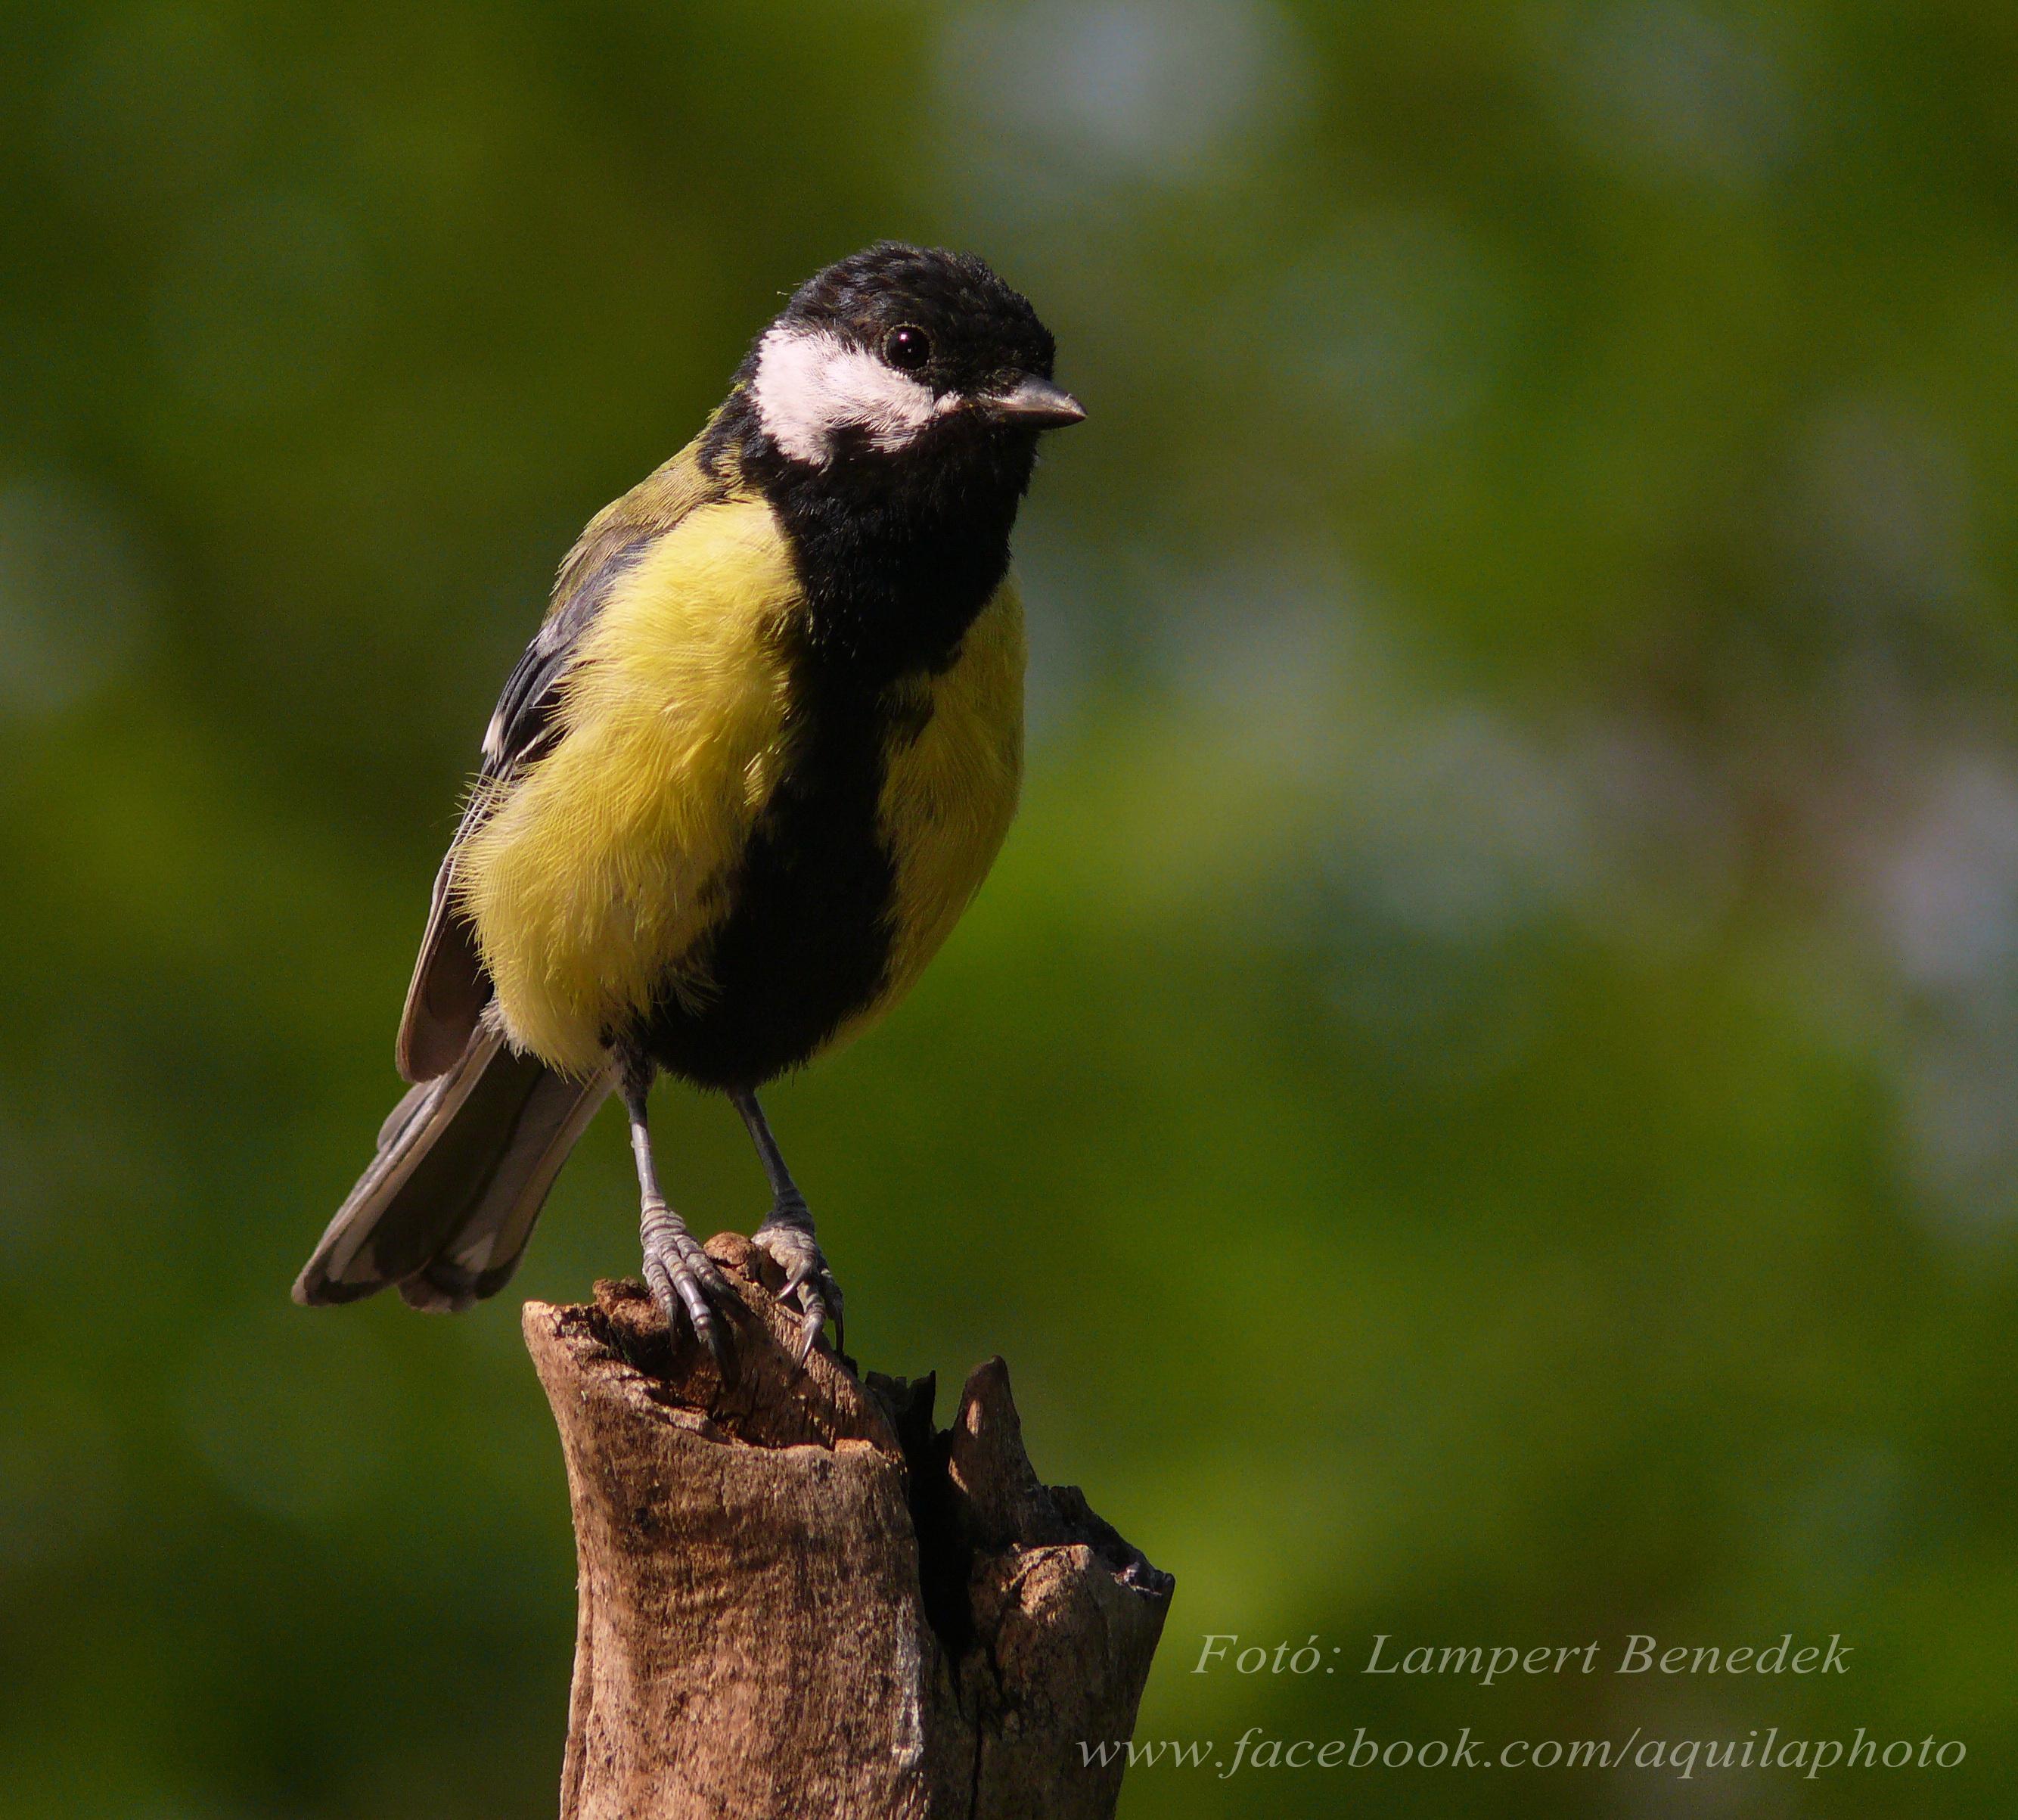 A széncinegét (hím) mindenki jól ismeri és talán nem olyan különleges vendég, de szép madár és nem tudok elmenni mellette sosem!